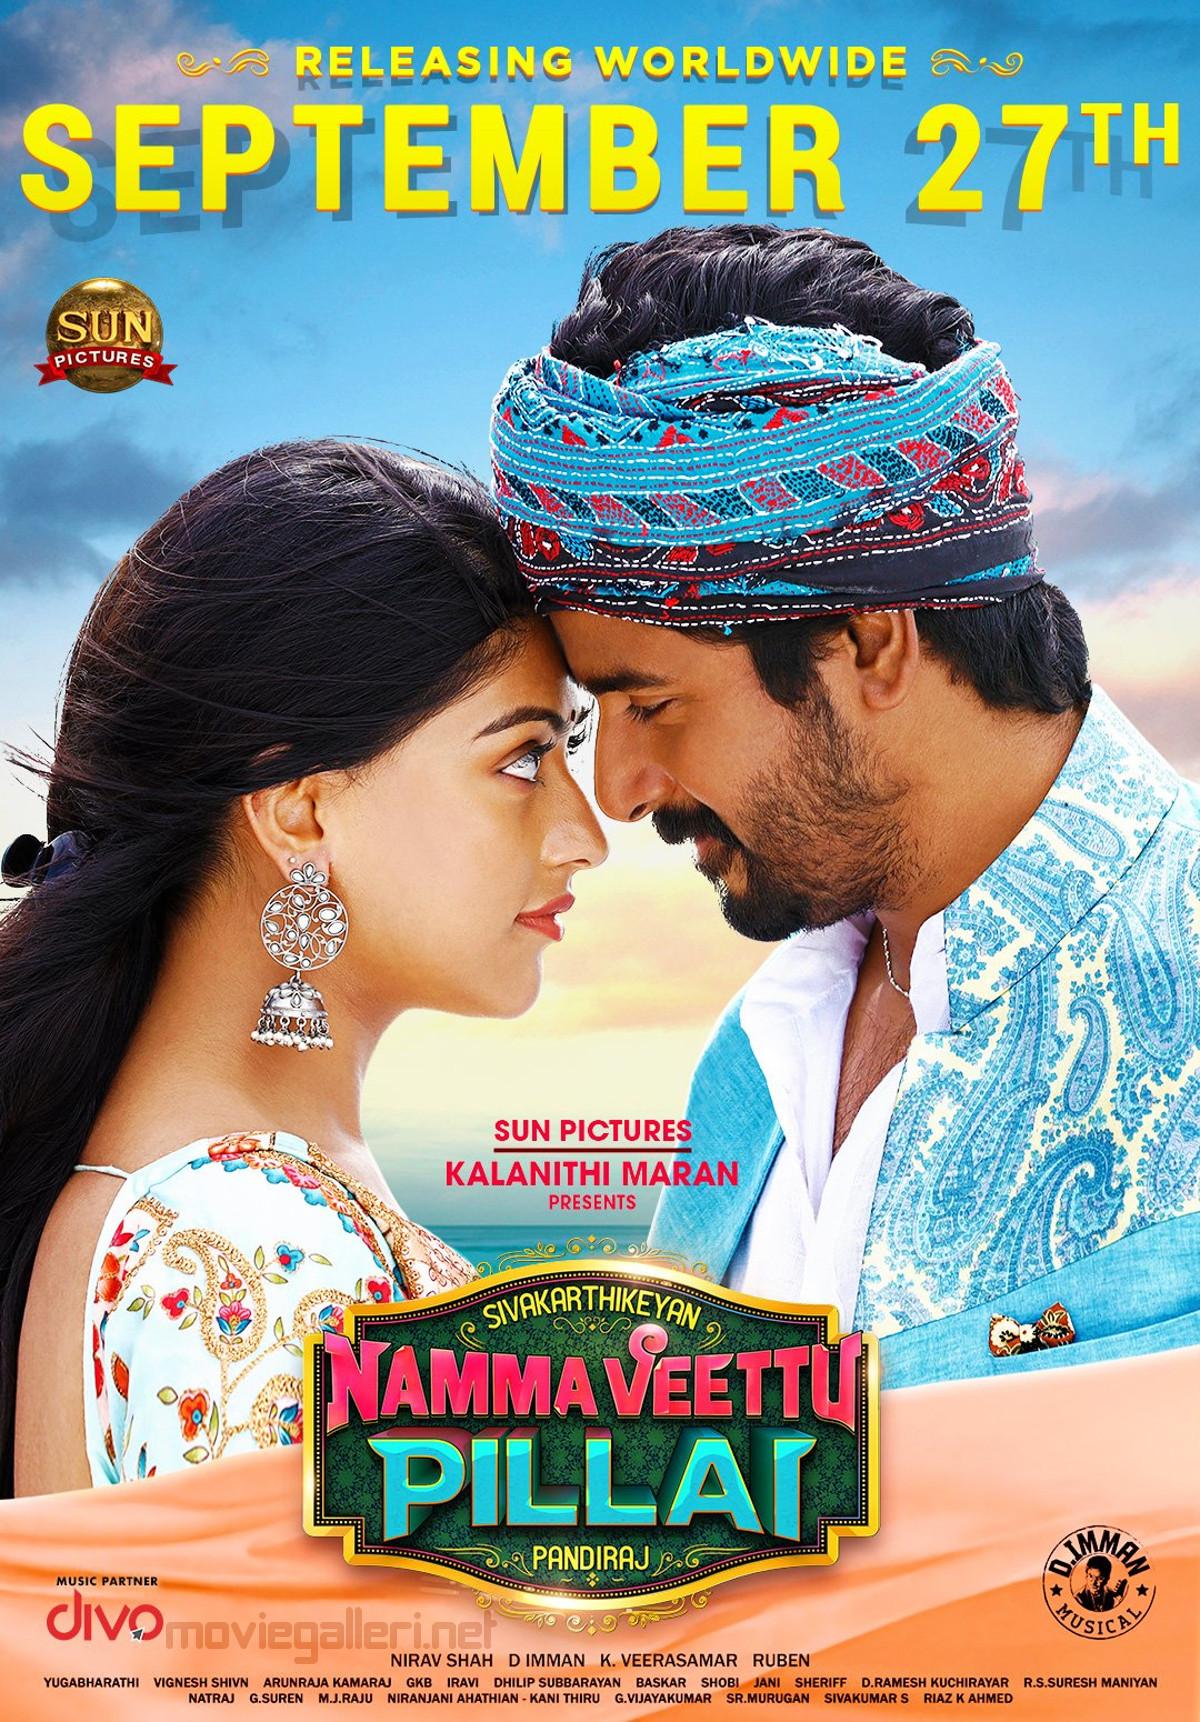 Anu Emmanuel Sivakarthikeyan Namma Veettu Pillai Release Date September 27 Poster HD